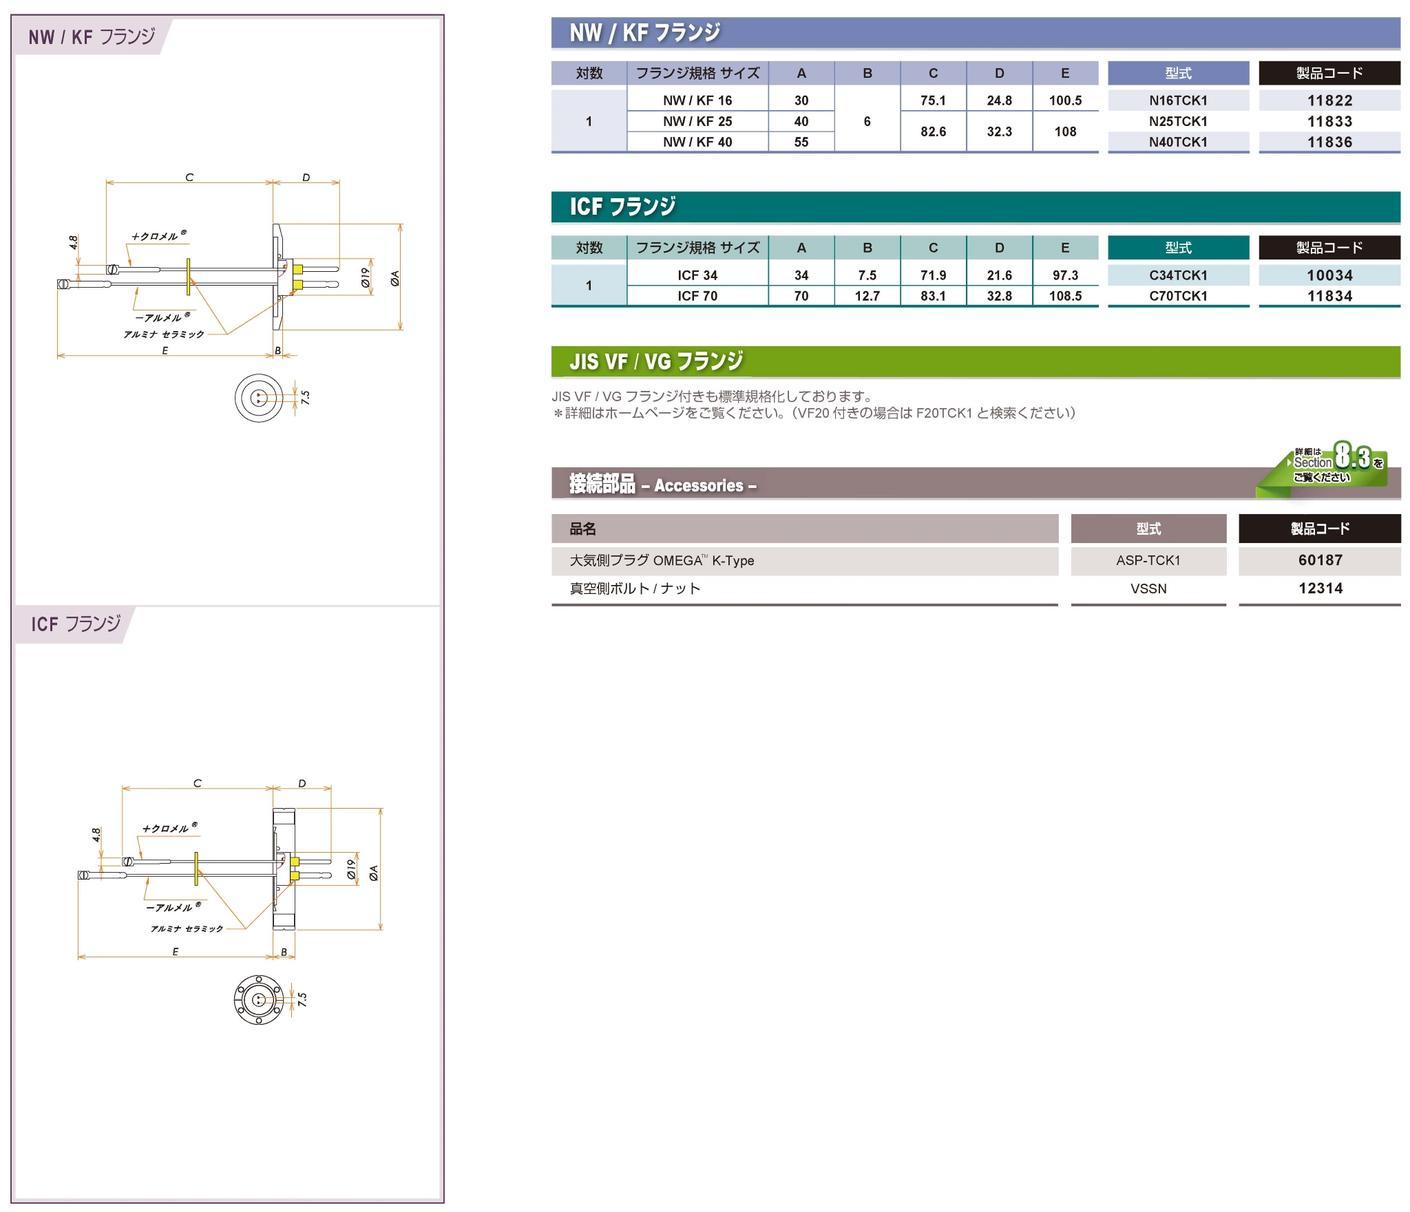 K熱電対 OMEGA™ 1対 NW/KF25 フランジ カタログ画像